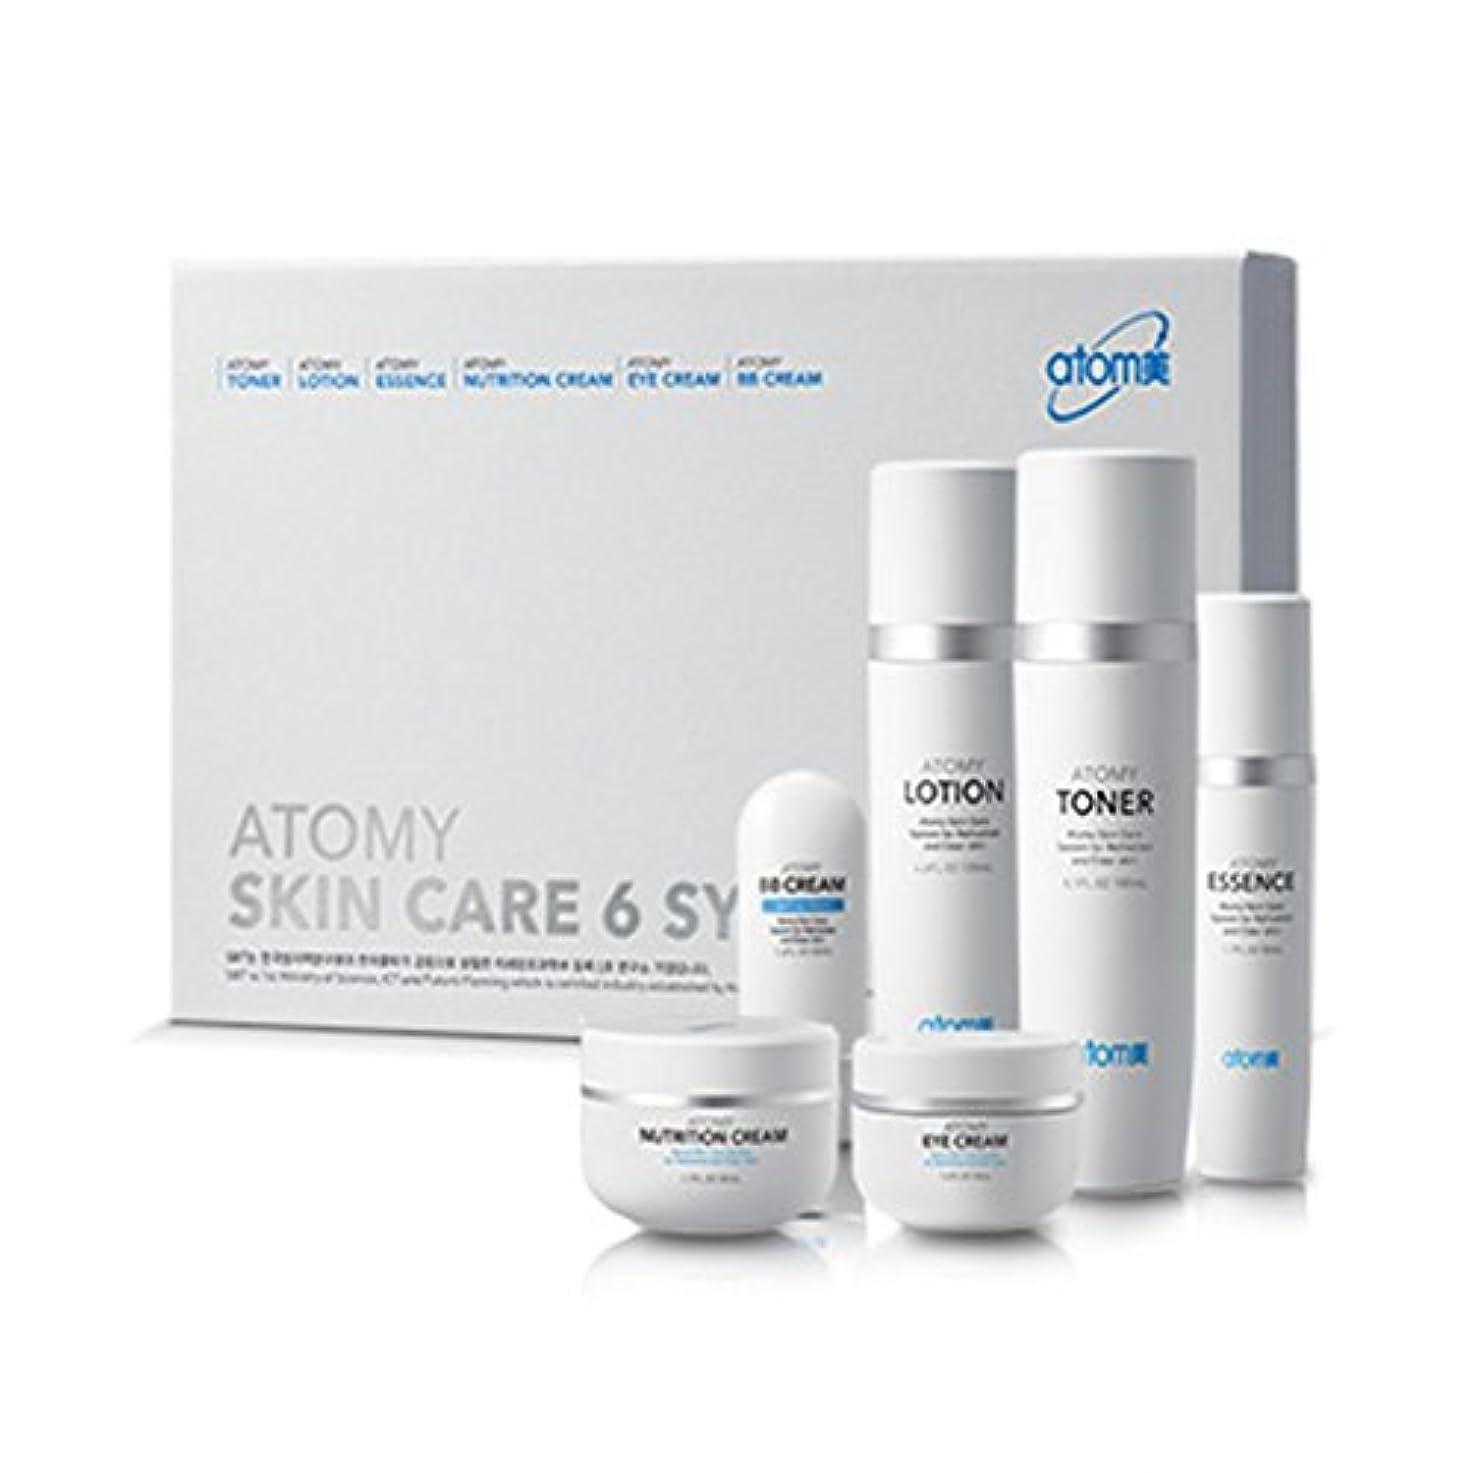 大臣精神殺人[Atom美 アトミ/ Atomy] Atomi Skin Care 6 System/スキンケア6システム+[Sample Gift](海外直送品)